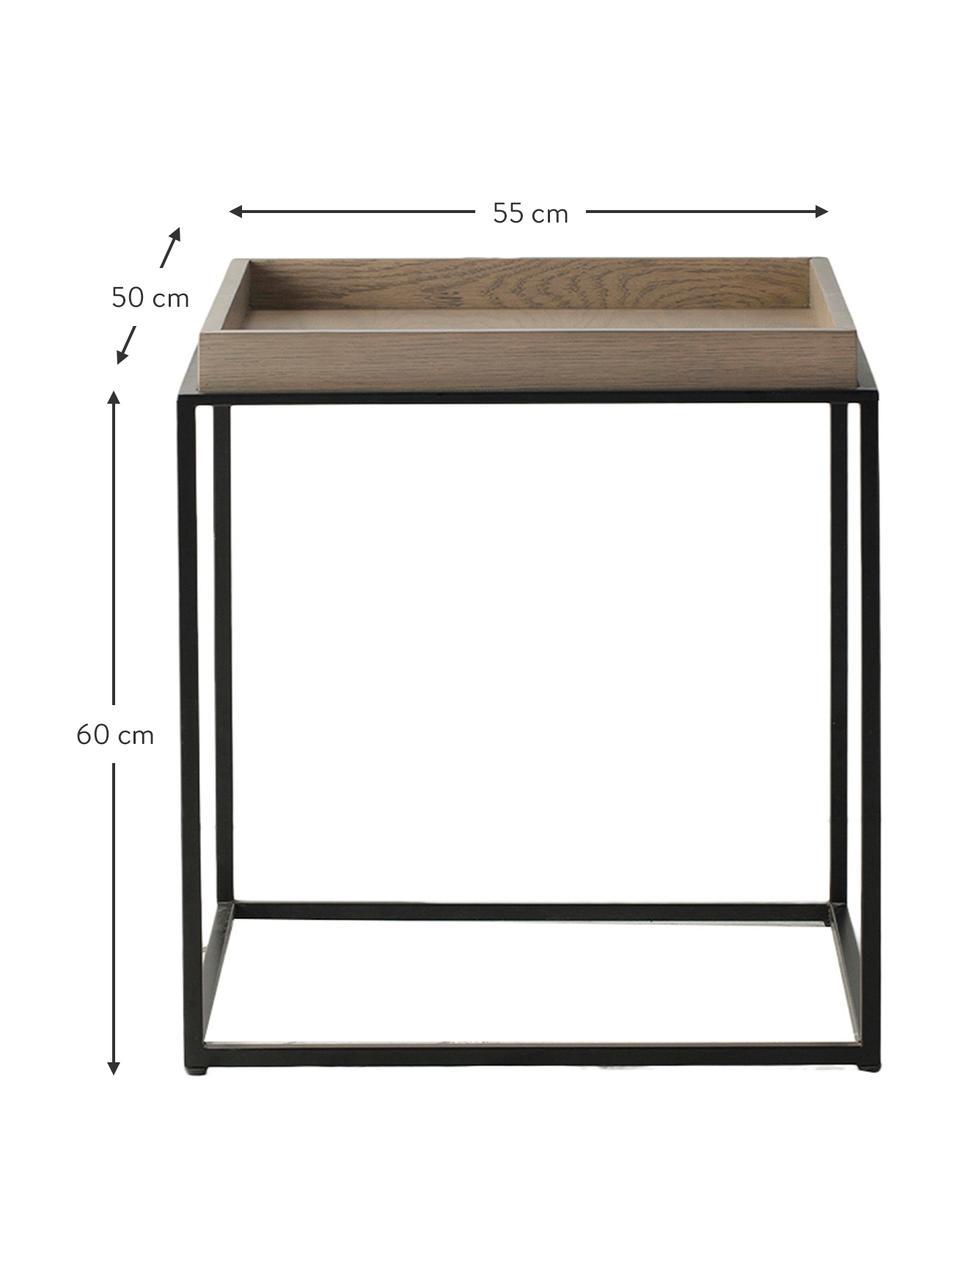 Beistelltisch Forden aus Holz und Metall in Braun/Schwarz, Tischplatte: Mitteldichte Holzfaserpla, Gestell: Metall, lackiert, Braun, 55 x 60 cm